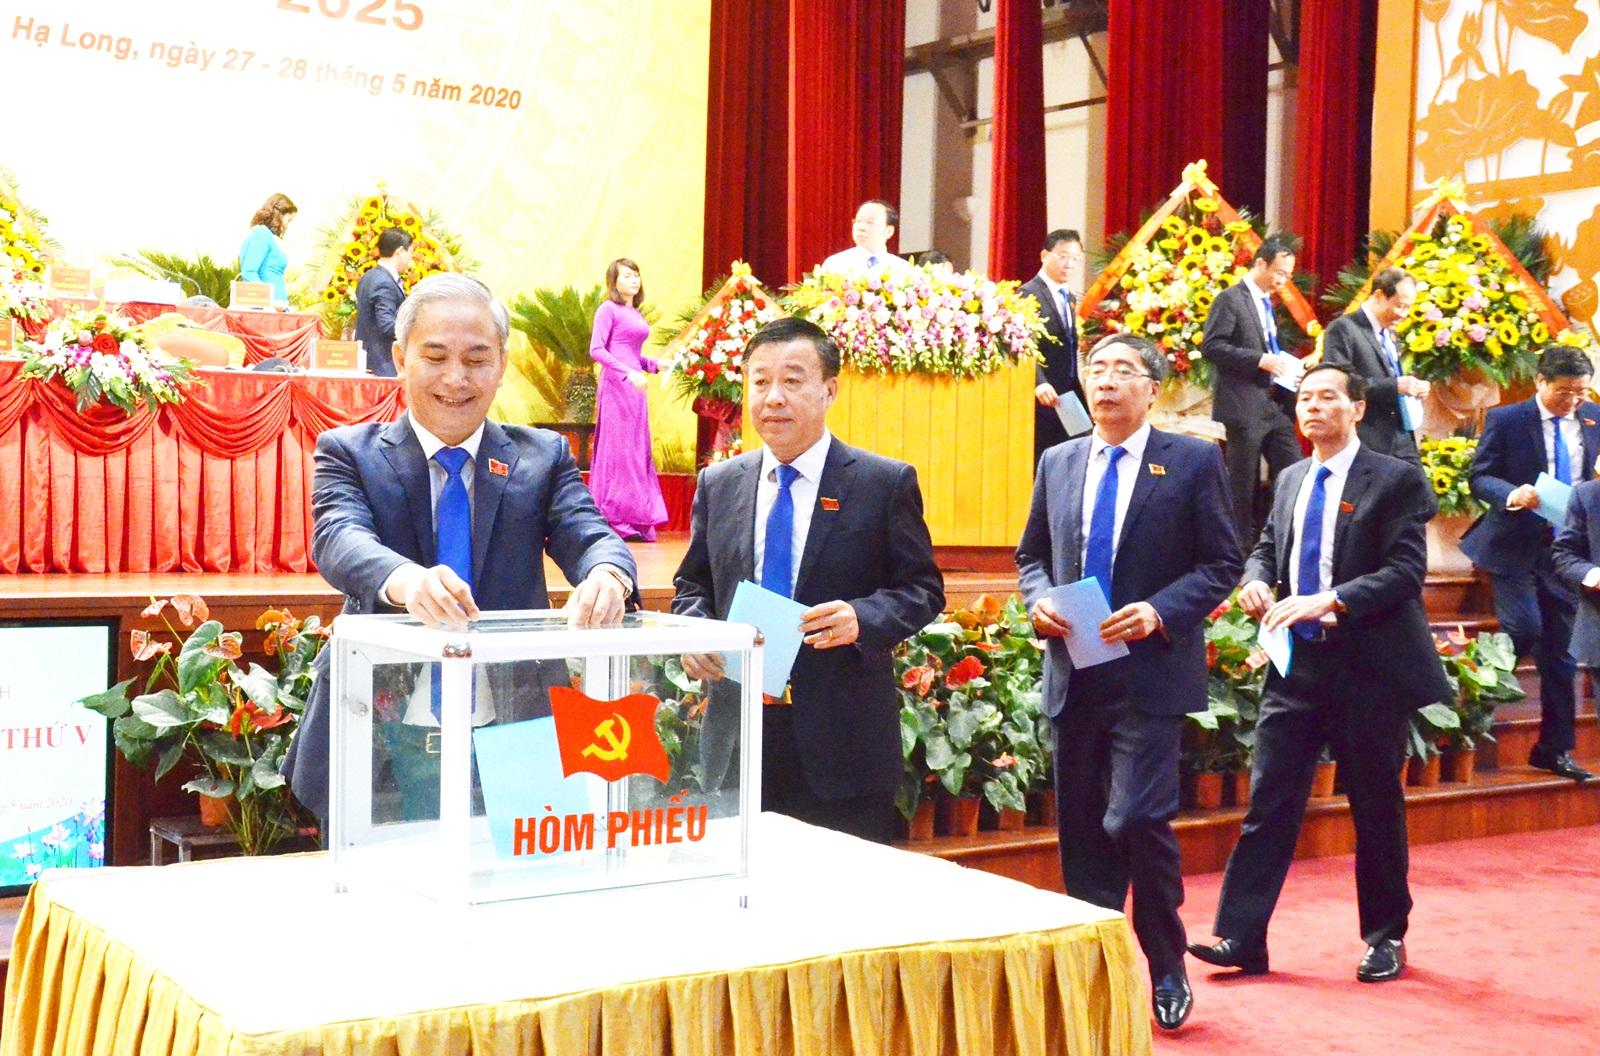 Quảng Ninh, Thanh Hóa tổ chức thành công đại hội điểm cấp huyện